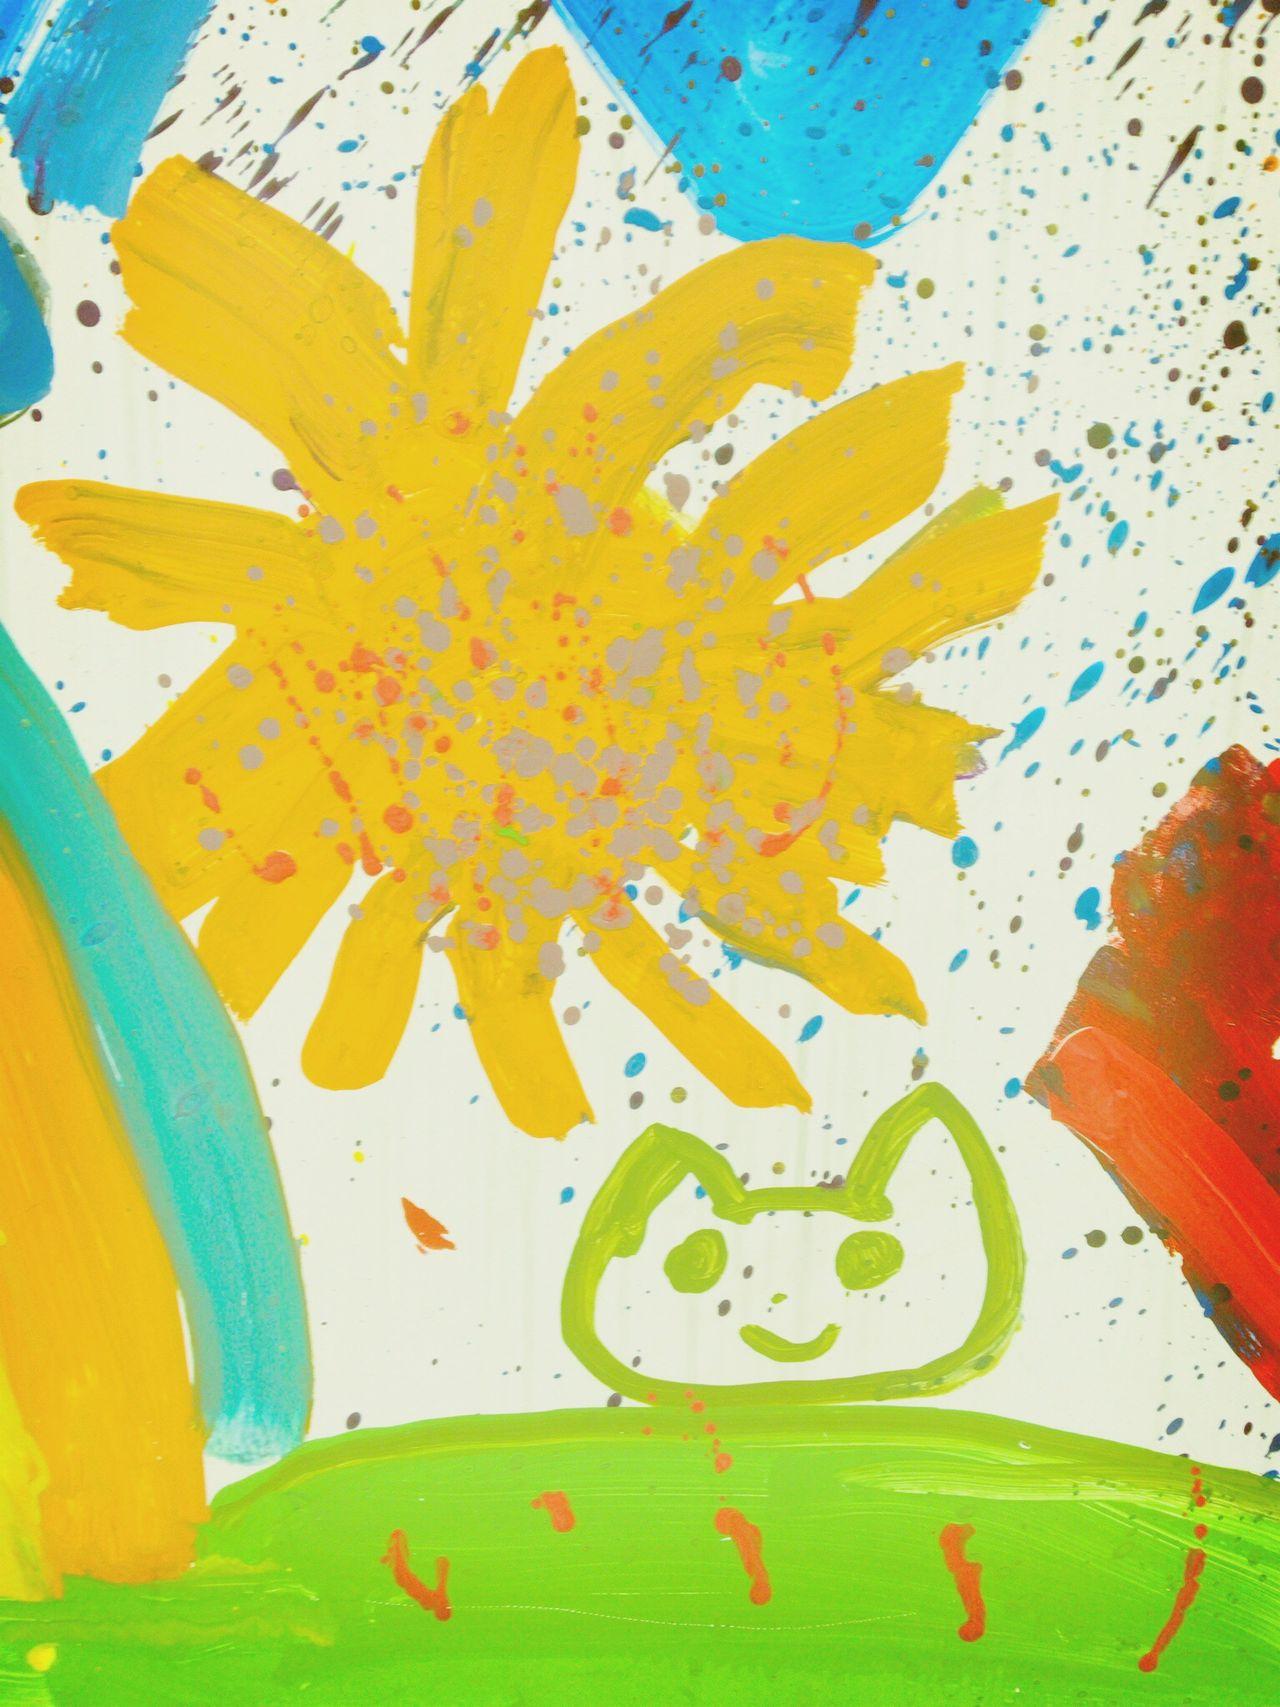 私の母校が80周年を迎えたそうで、駅前の看板にいろいろな絵が描かれていました(*´-`)♬ 明るい、楽しそうな絵で癒されました(╹◡╹)❤︎ Hello World Close-up Tokyo Tokyo Days Art Kids Art Colorful Sun Cat Drow Peace Sunflower